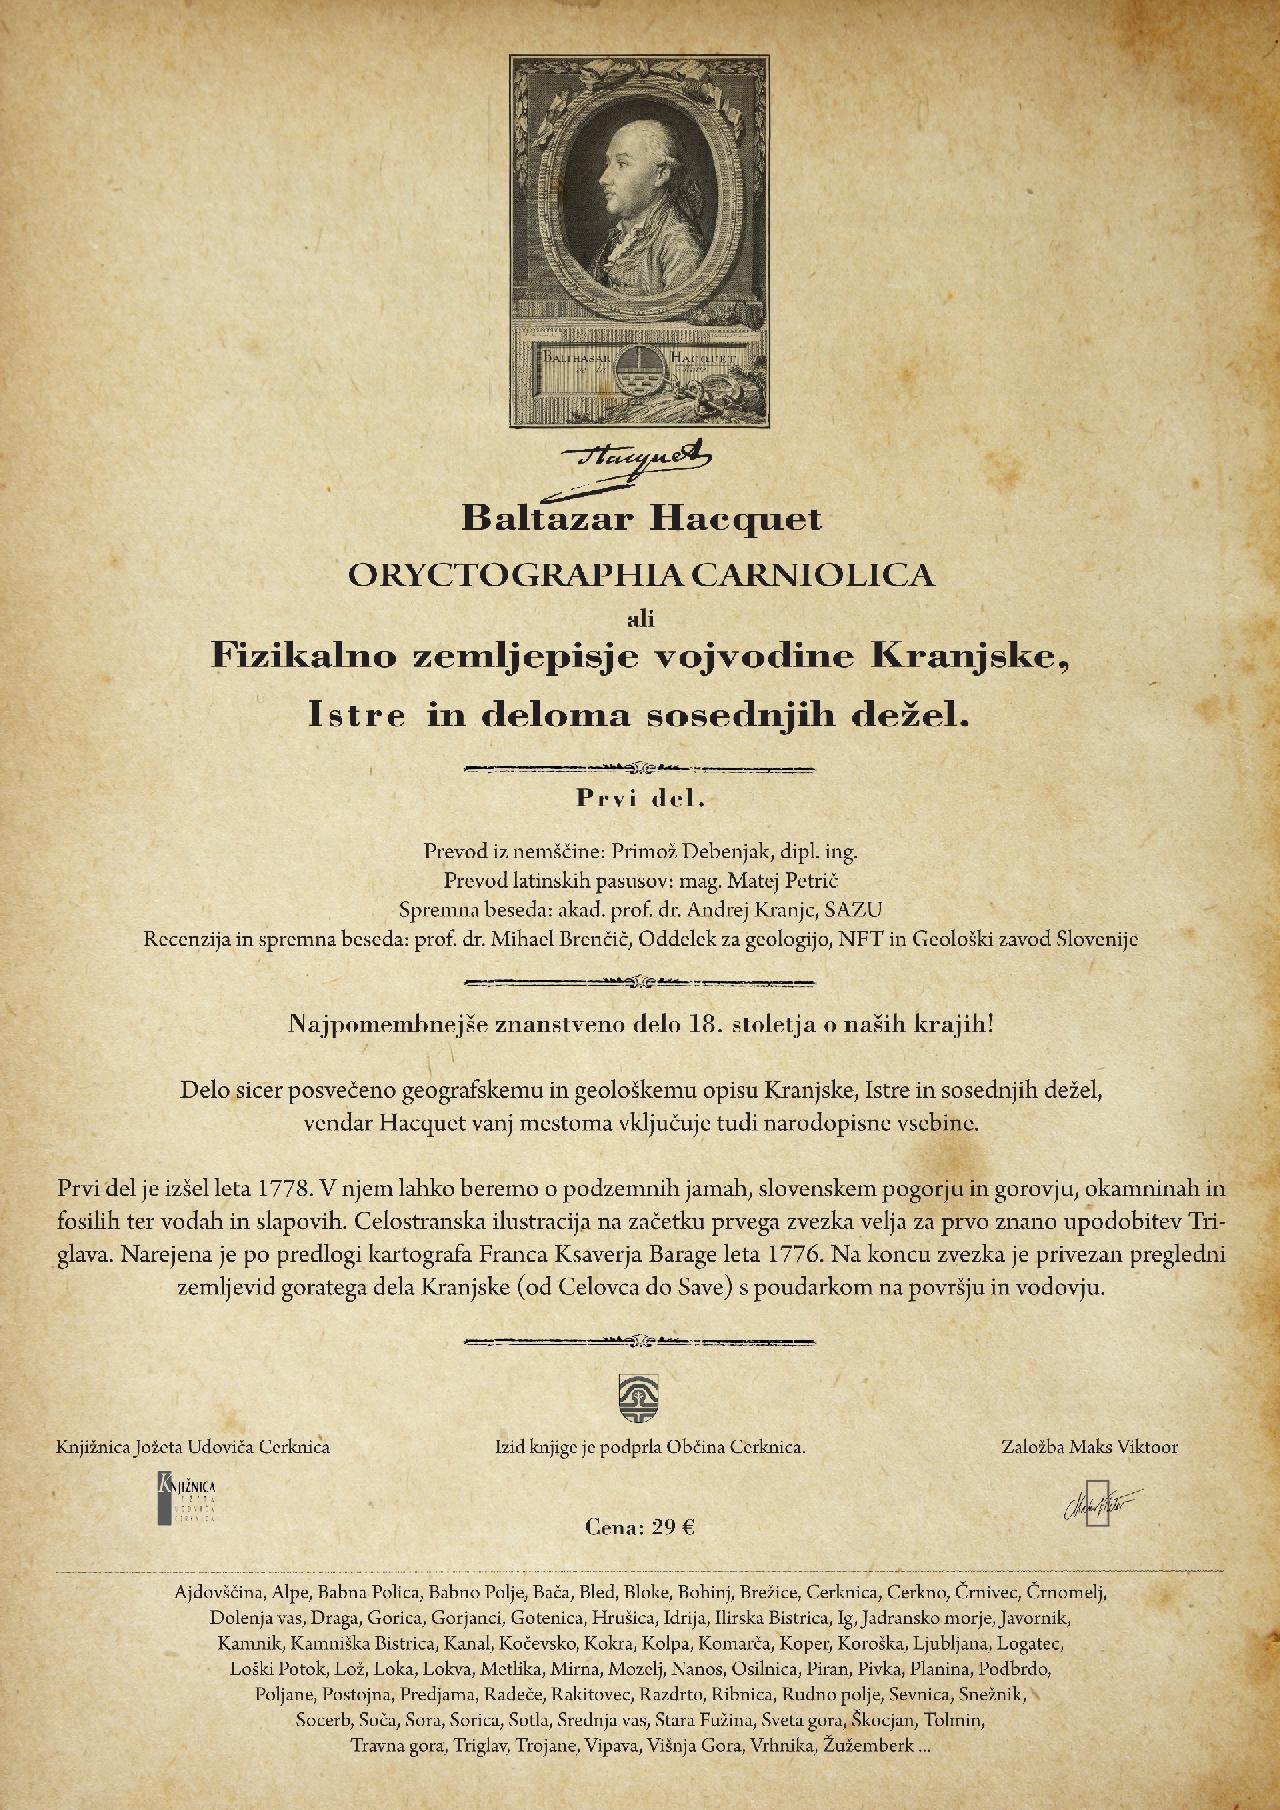 Baltazar Hacquet vel1 - Zoom predstavitev prevoda Oriktografije Kranjske